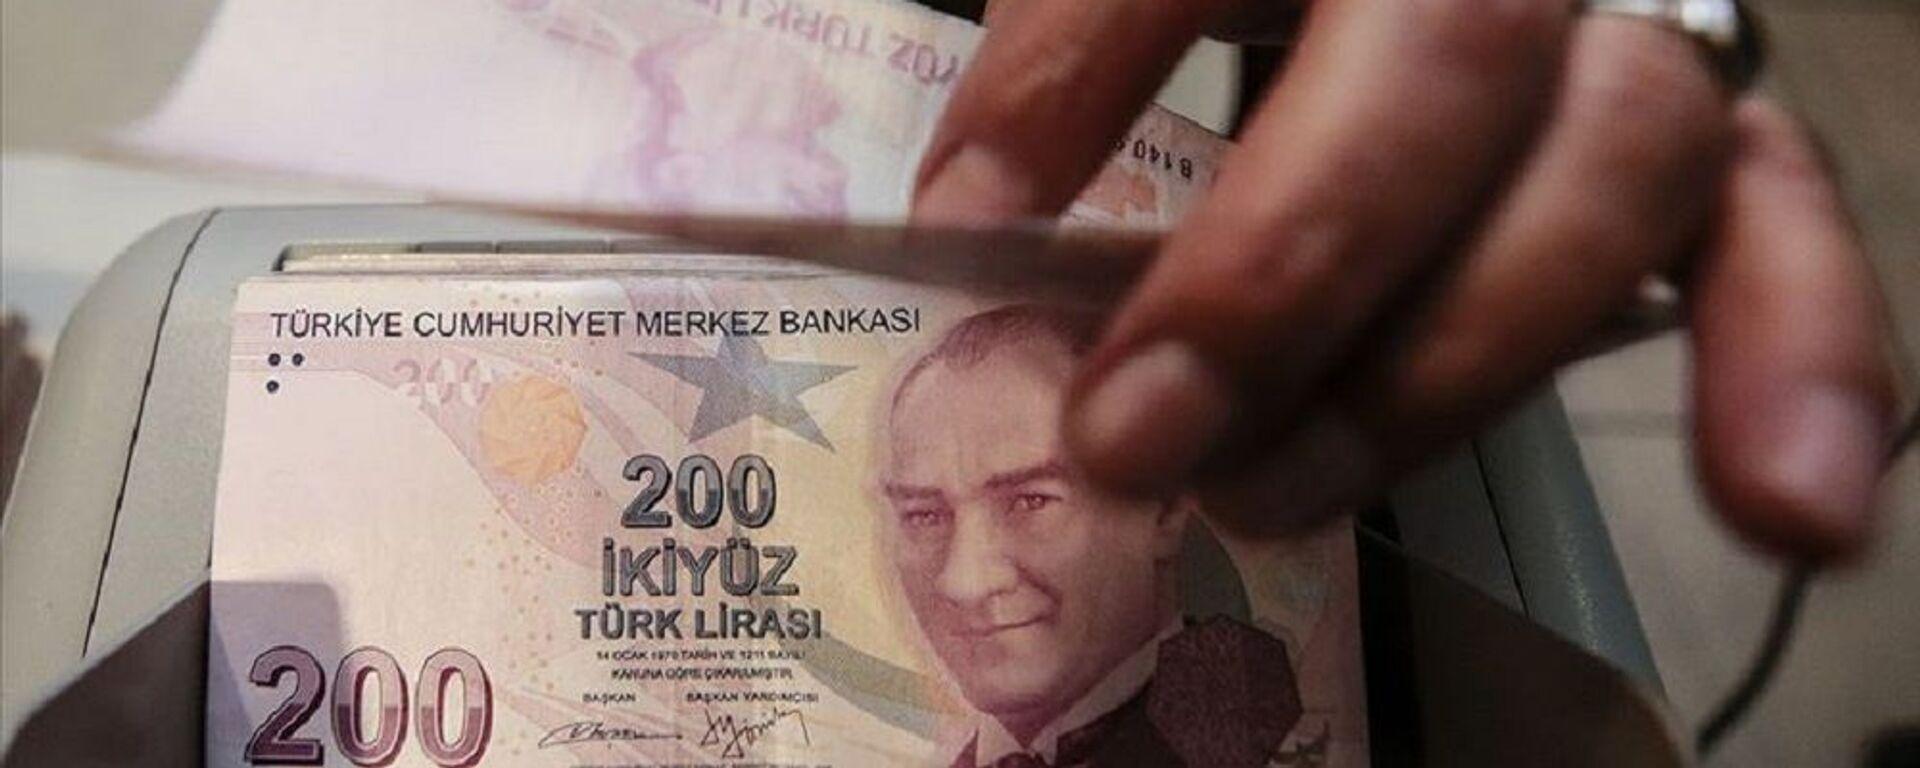 Türk Lirası - Sputnik Türkiye, 1920, 26.07.2021